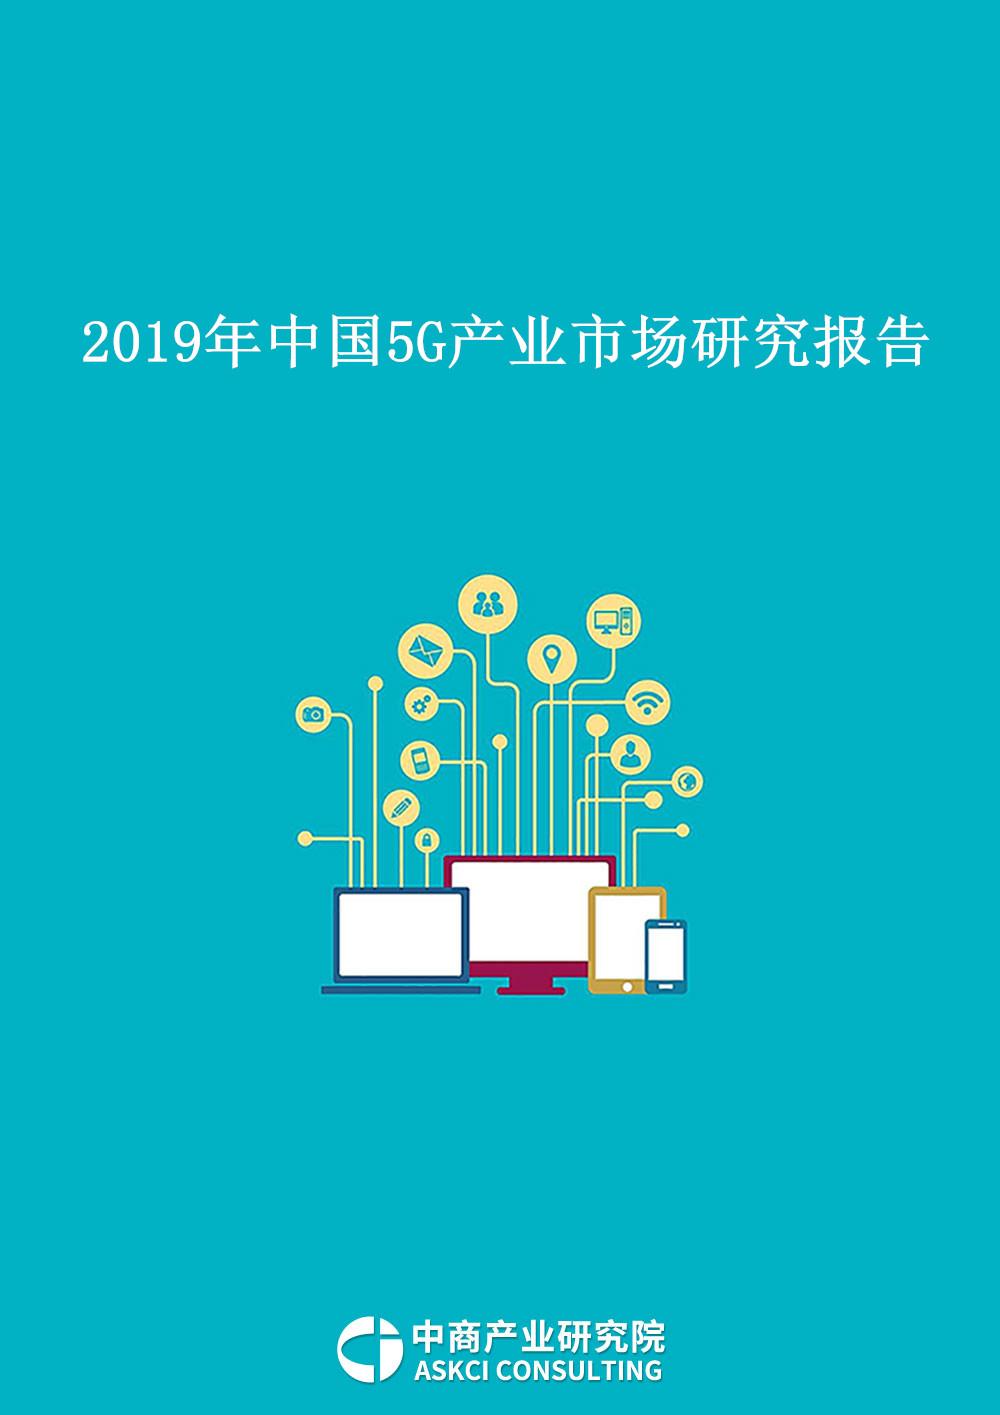 2019年中国5G产业市场研究报告